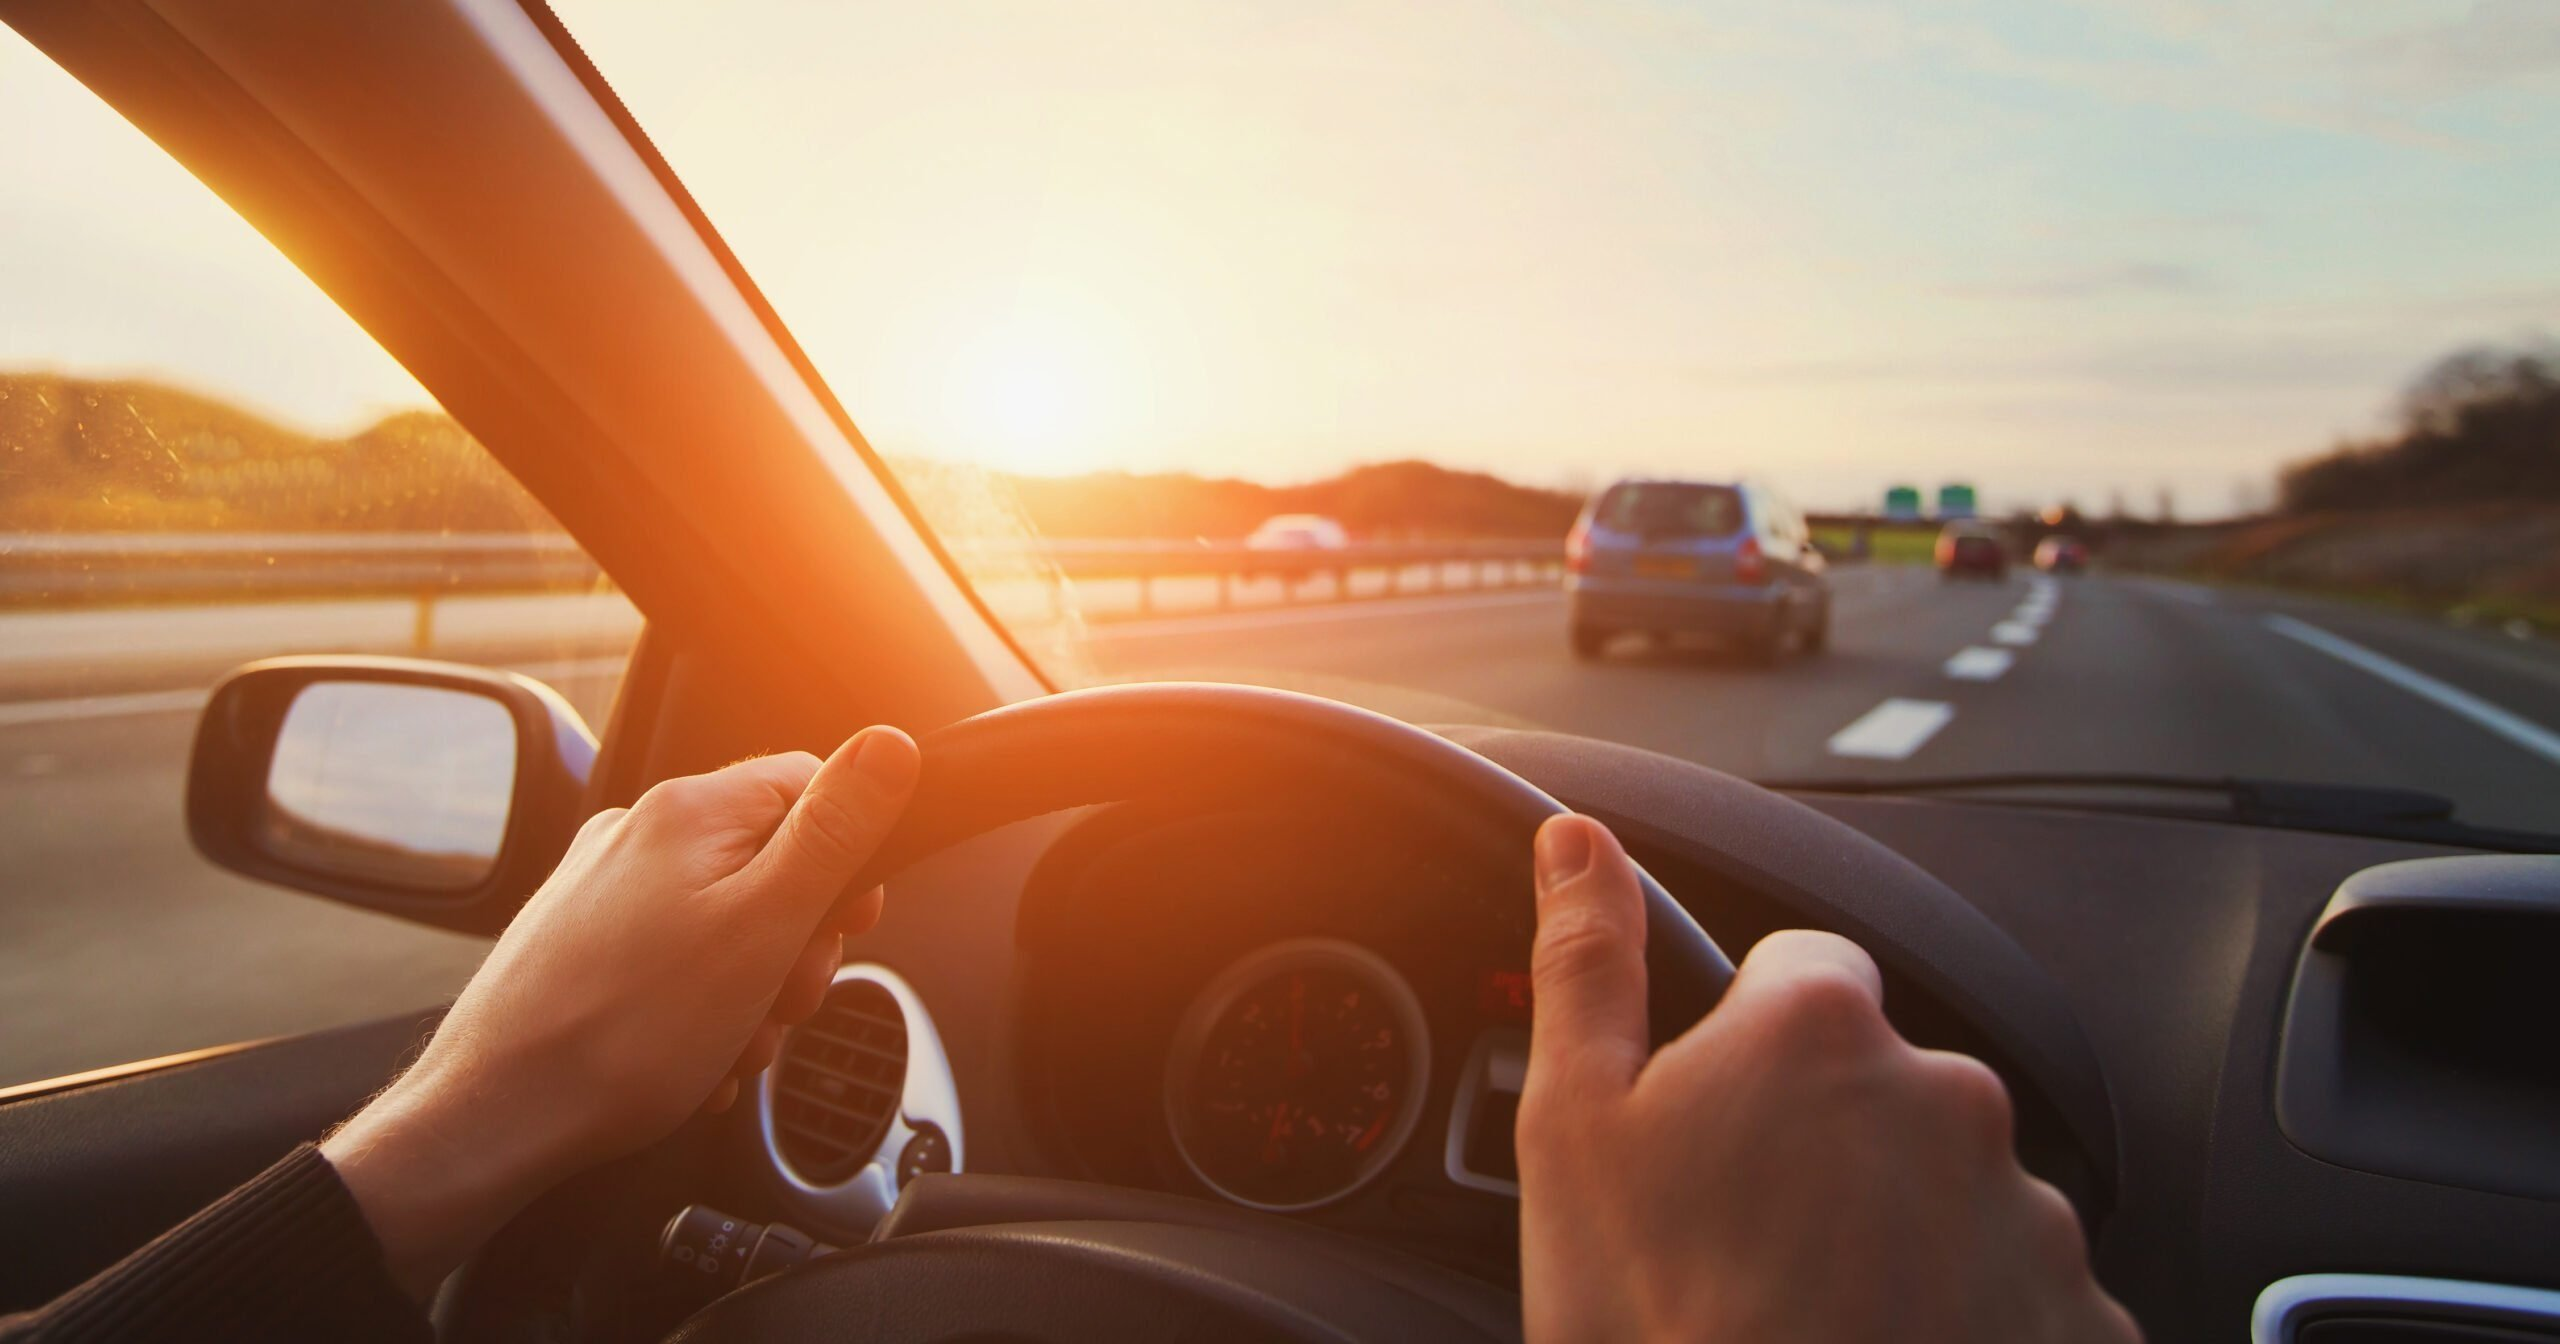 Mains conducteur - voiture